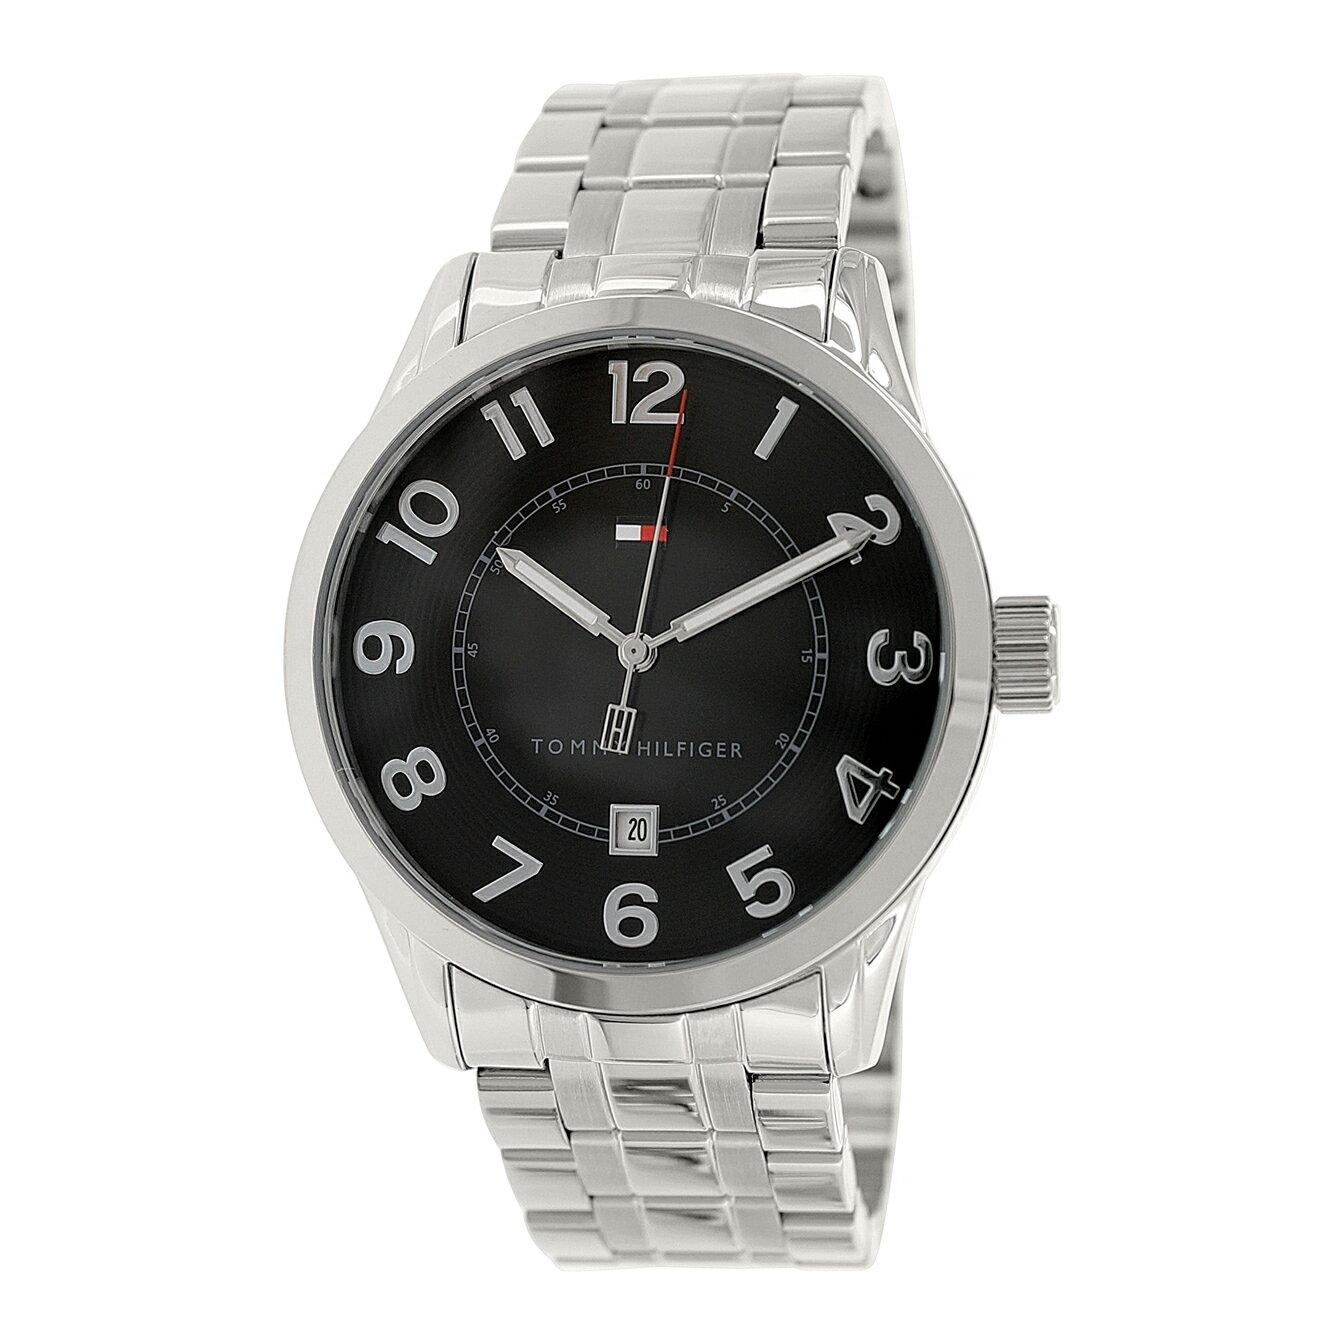 美國百分百【全新真品】Tommy Hilfiger 手錶 TH 配件 不鏽鋼 金屬錶帶 日期 夜光指針 銀色 F394